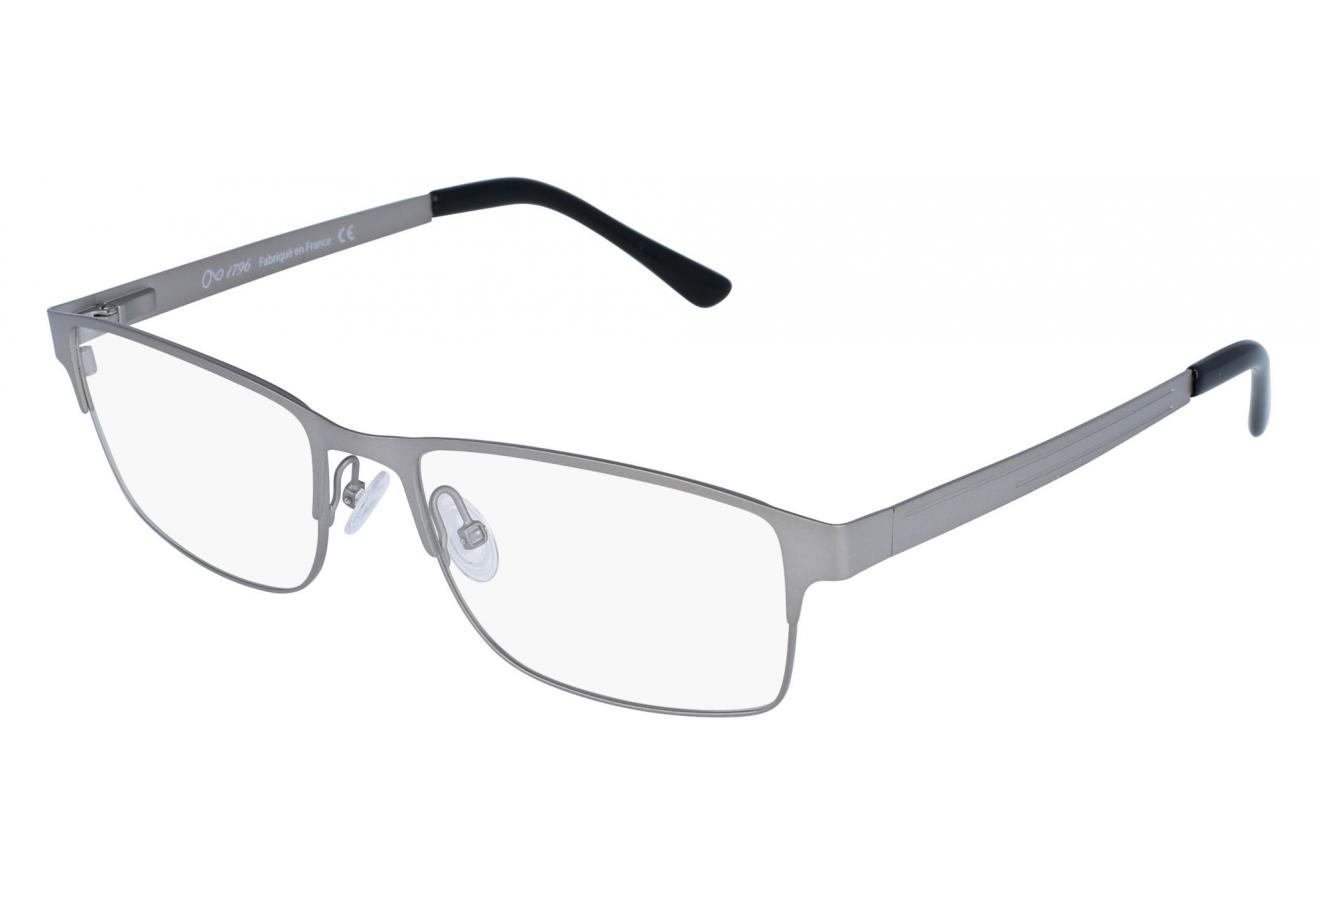 lunettes de vue 1796 cbhm 1706 gris 55 18. Black Bedroom Furniture Sets. Home Design Ideas